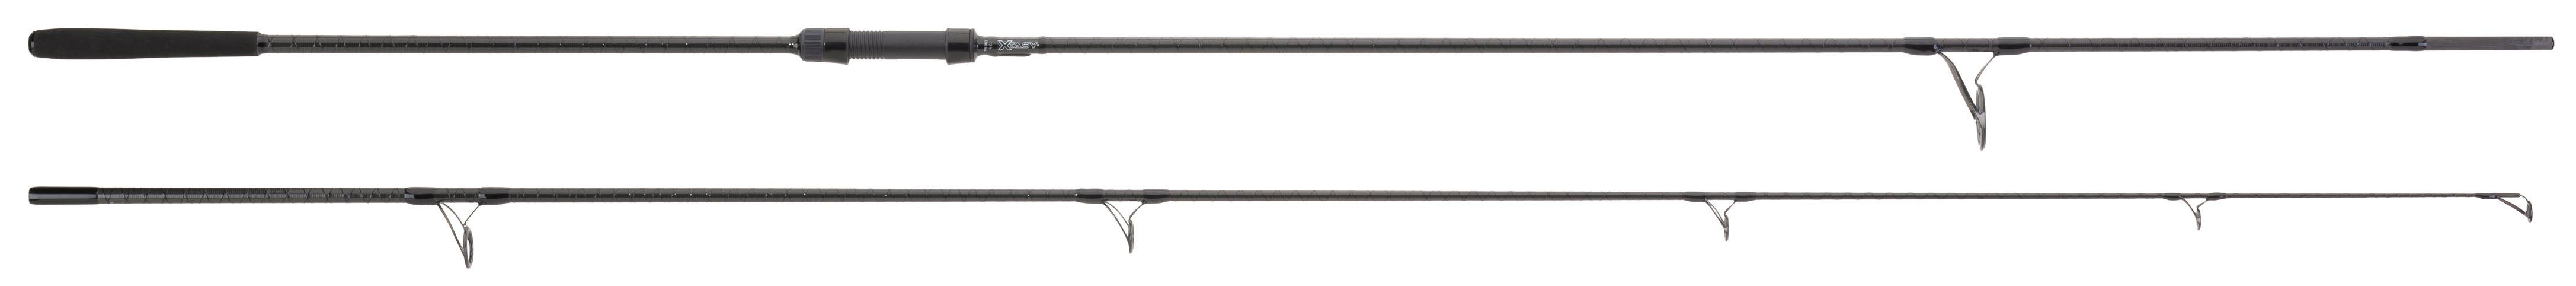 Anaconda prut Xtasy 3,6 m/3,50 lb